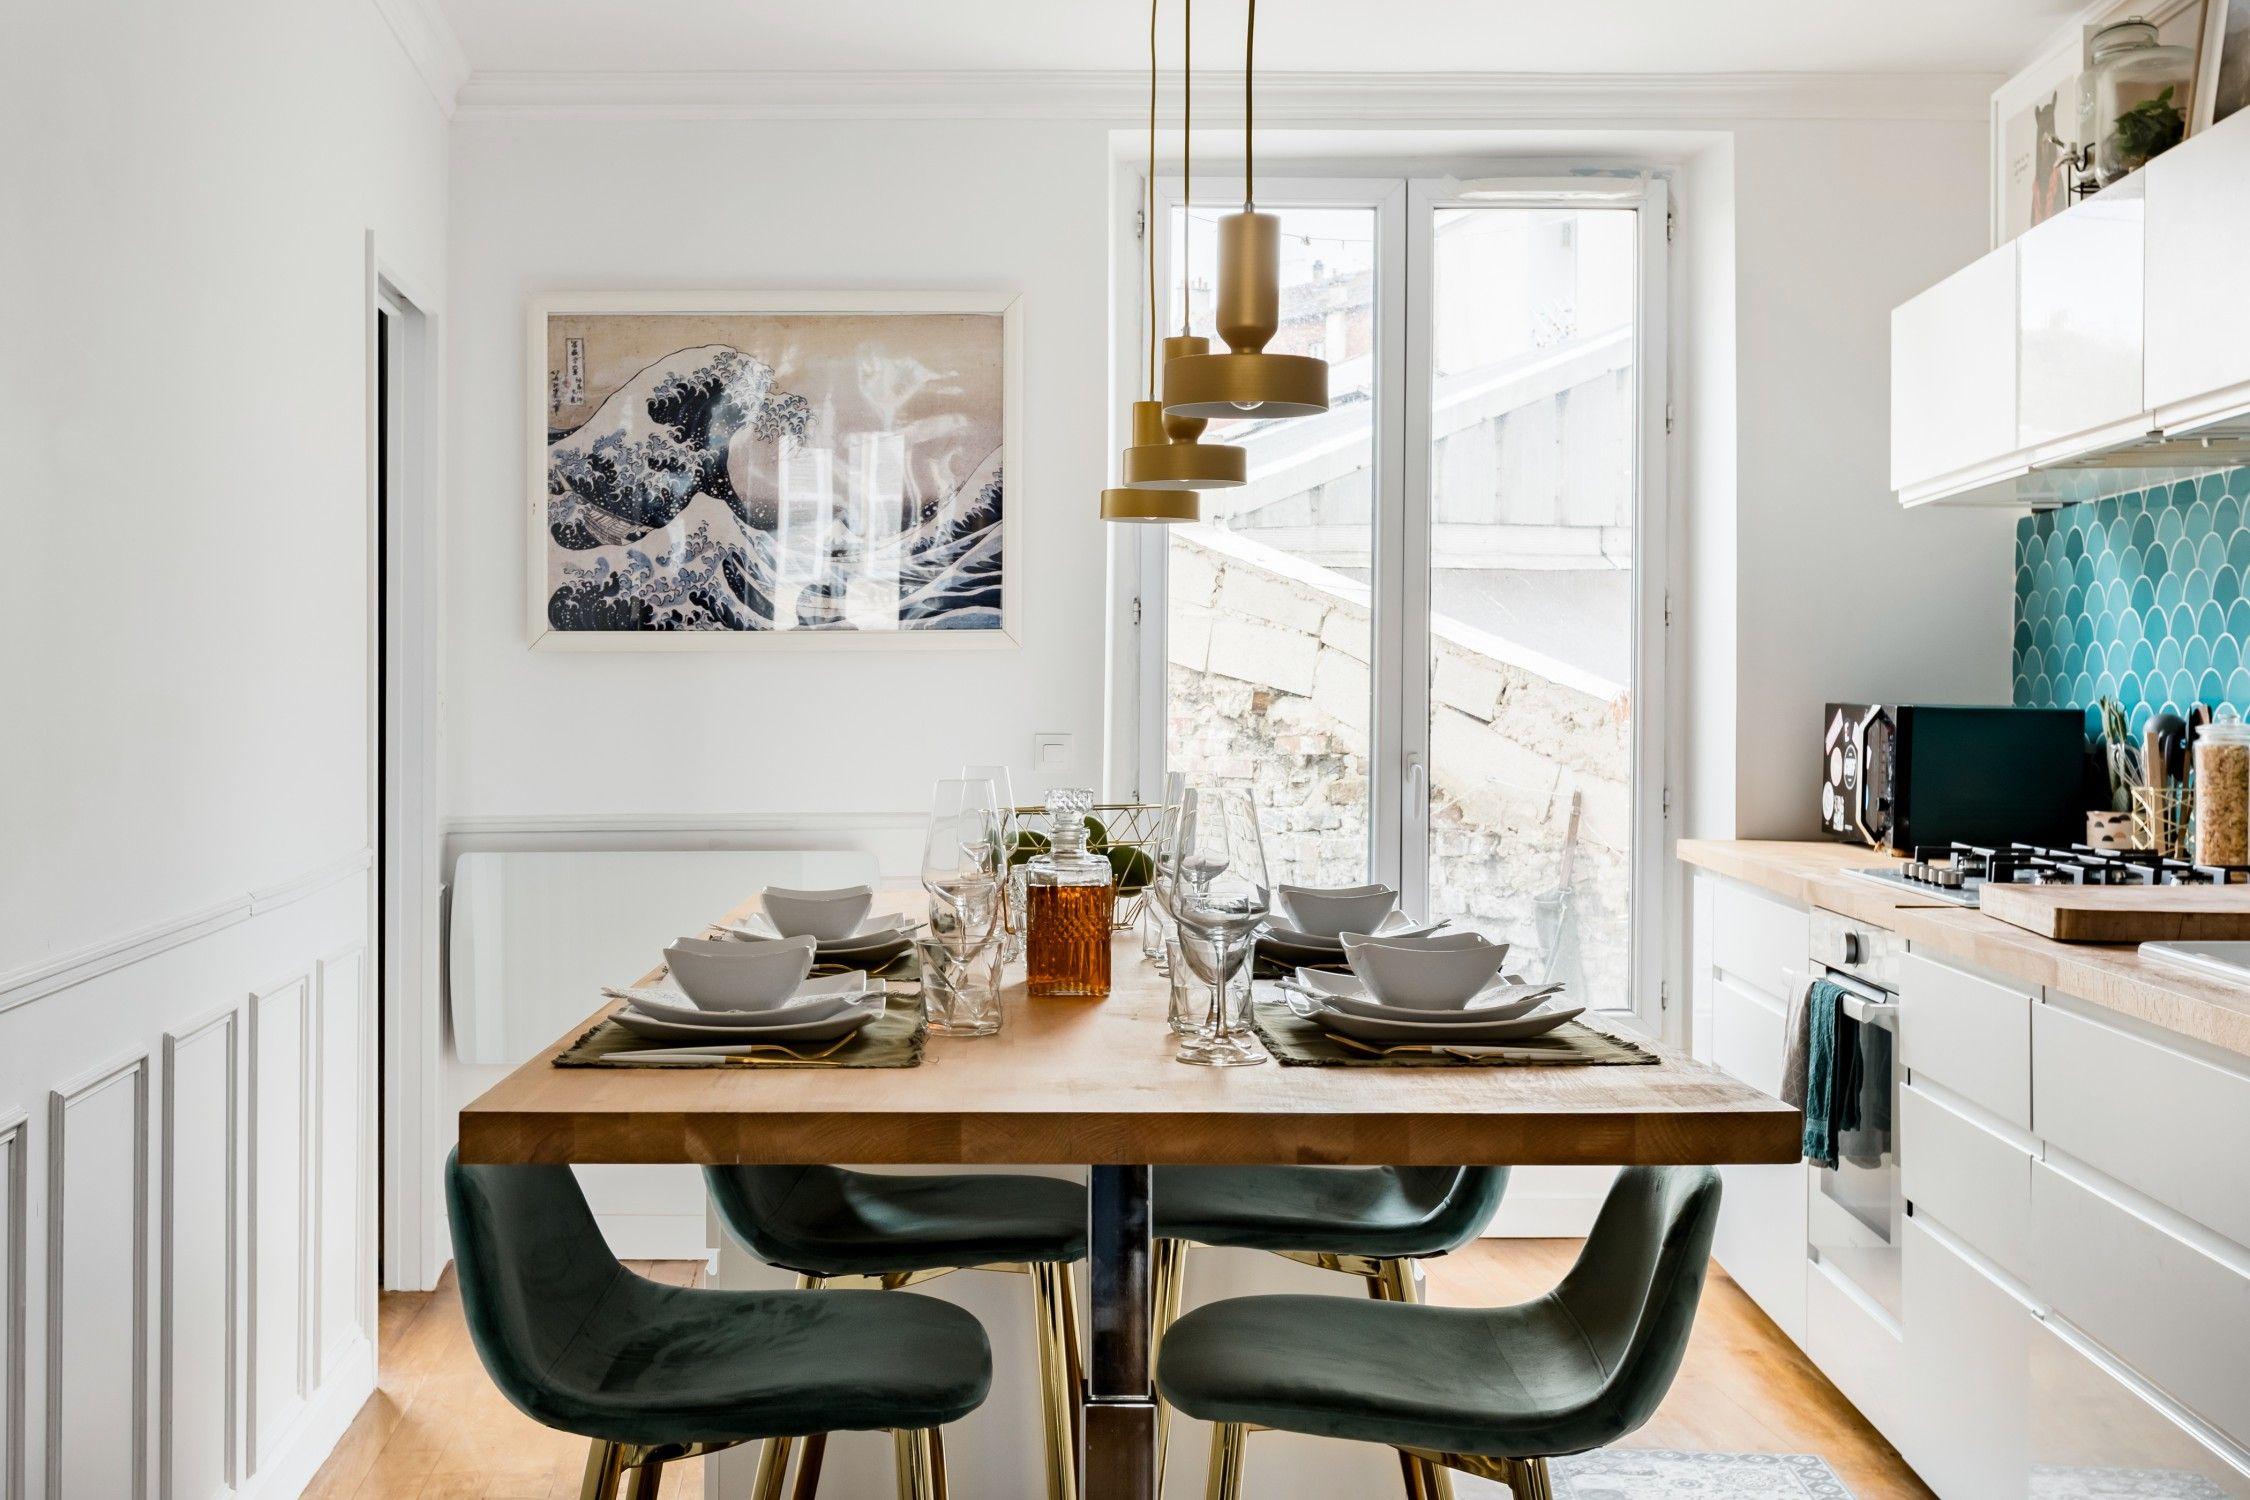 Cet Appartement De 60m2 Aux Portes De Paris Est Decore Dans Un Esprit Rock Et Loft Porte Paris Loft Cuisines Design